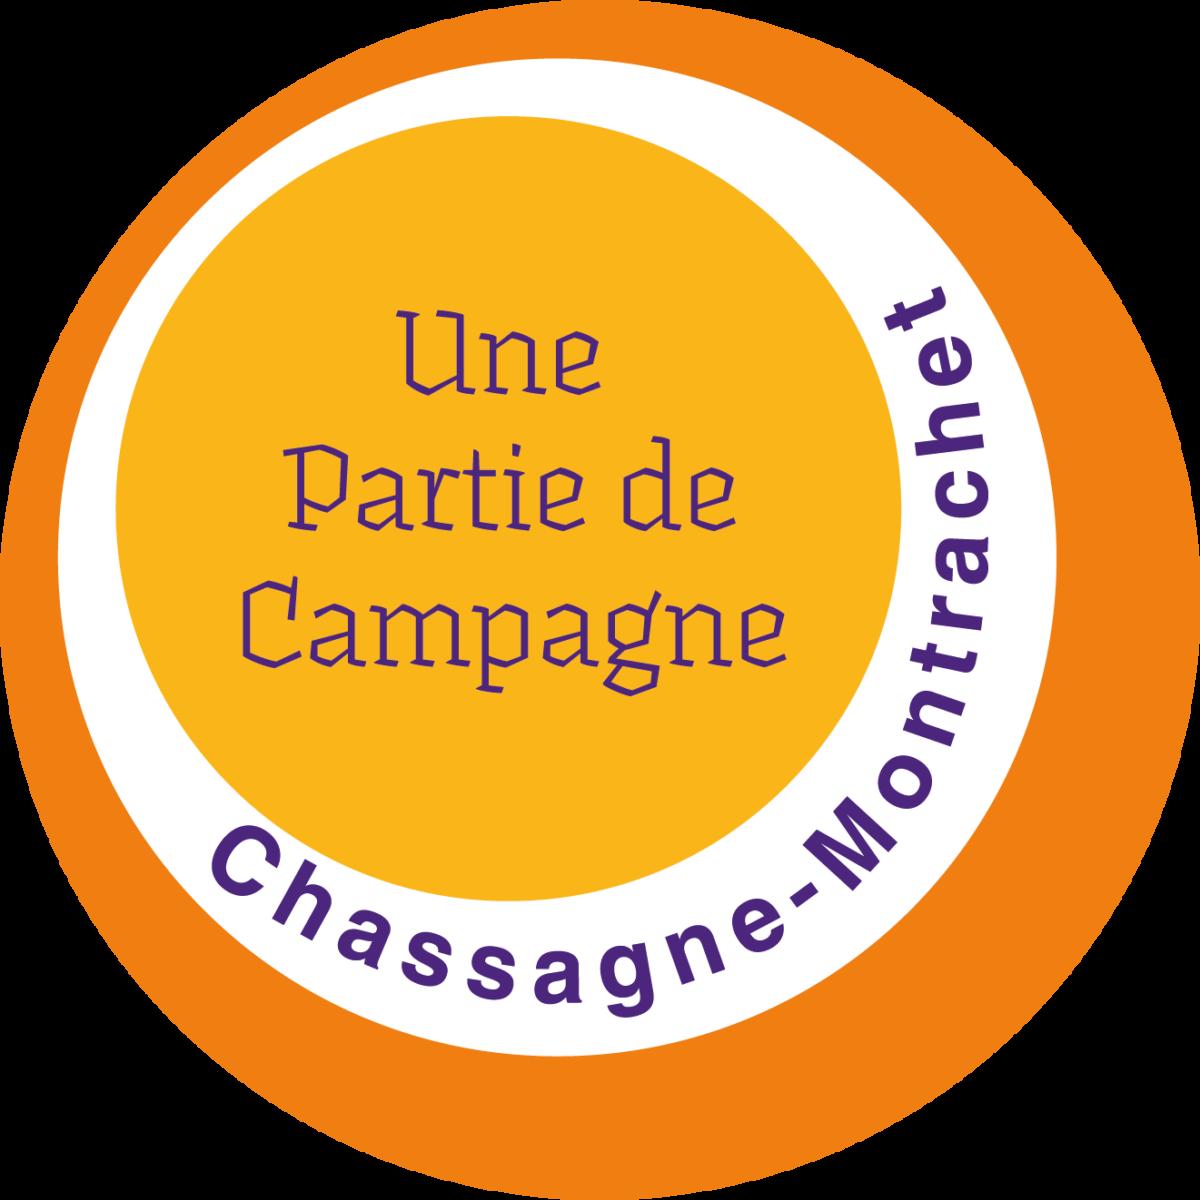 Une Partie de Campagne à Chassagne-Montrachet — sometimeStudio